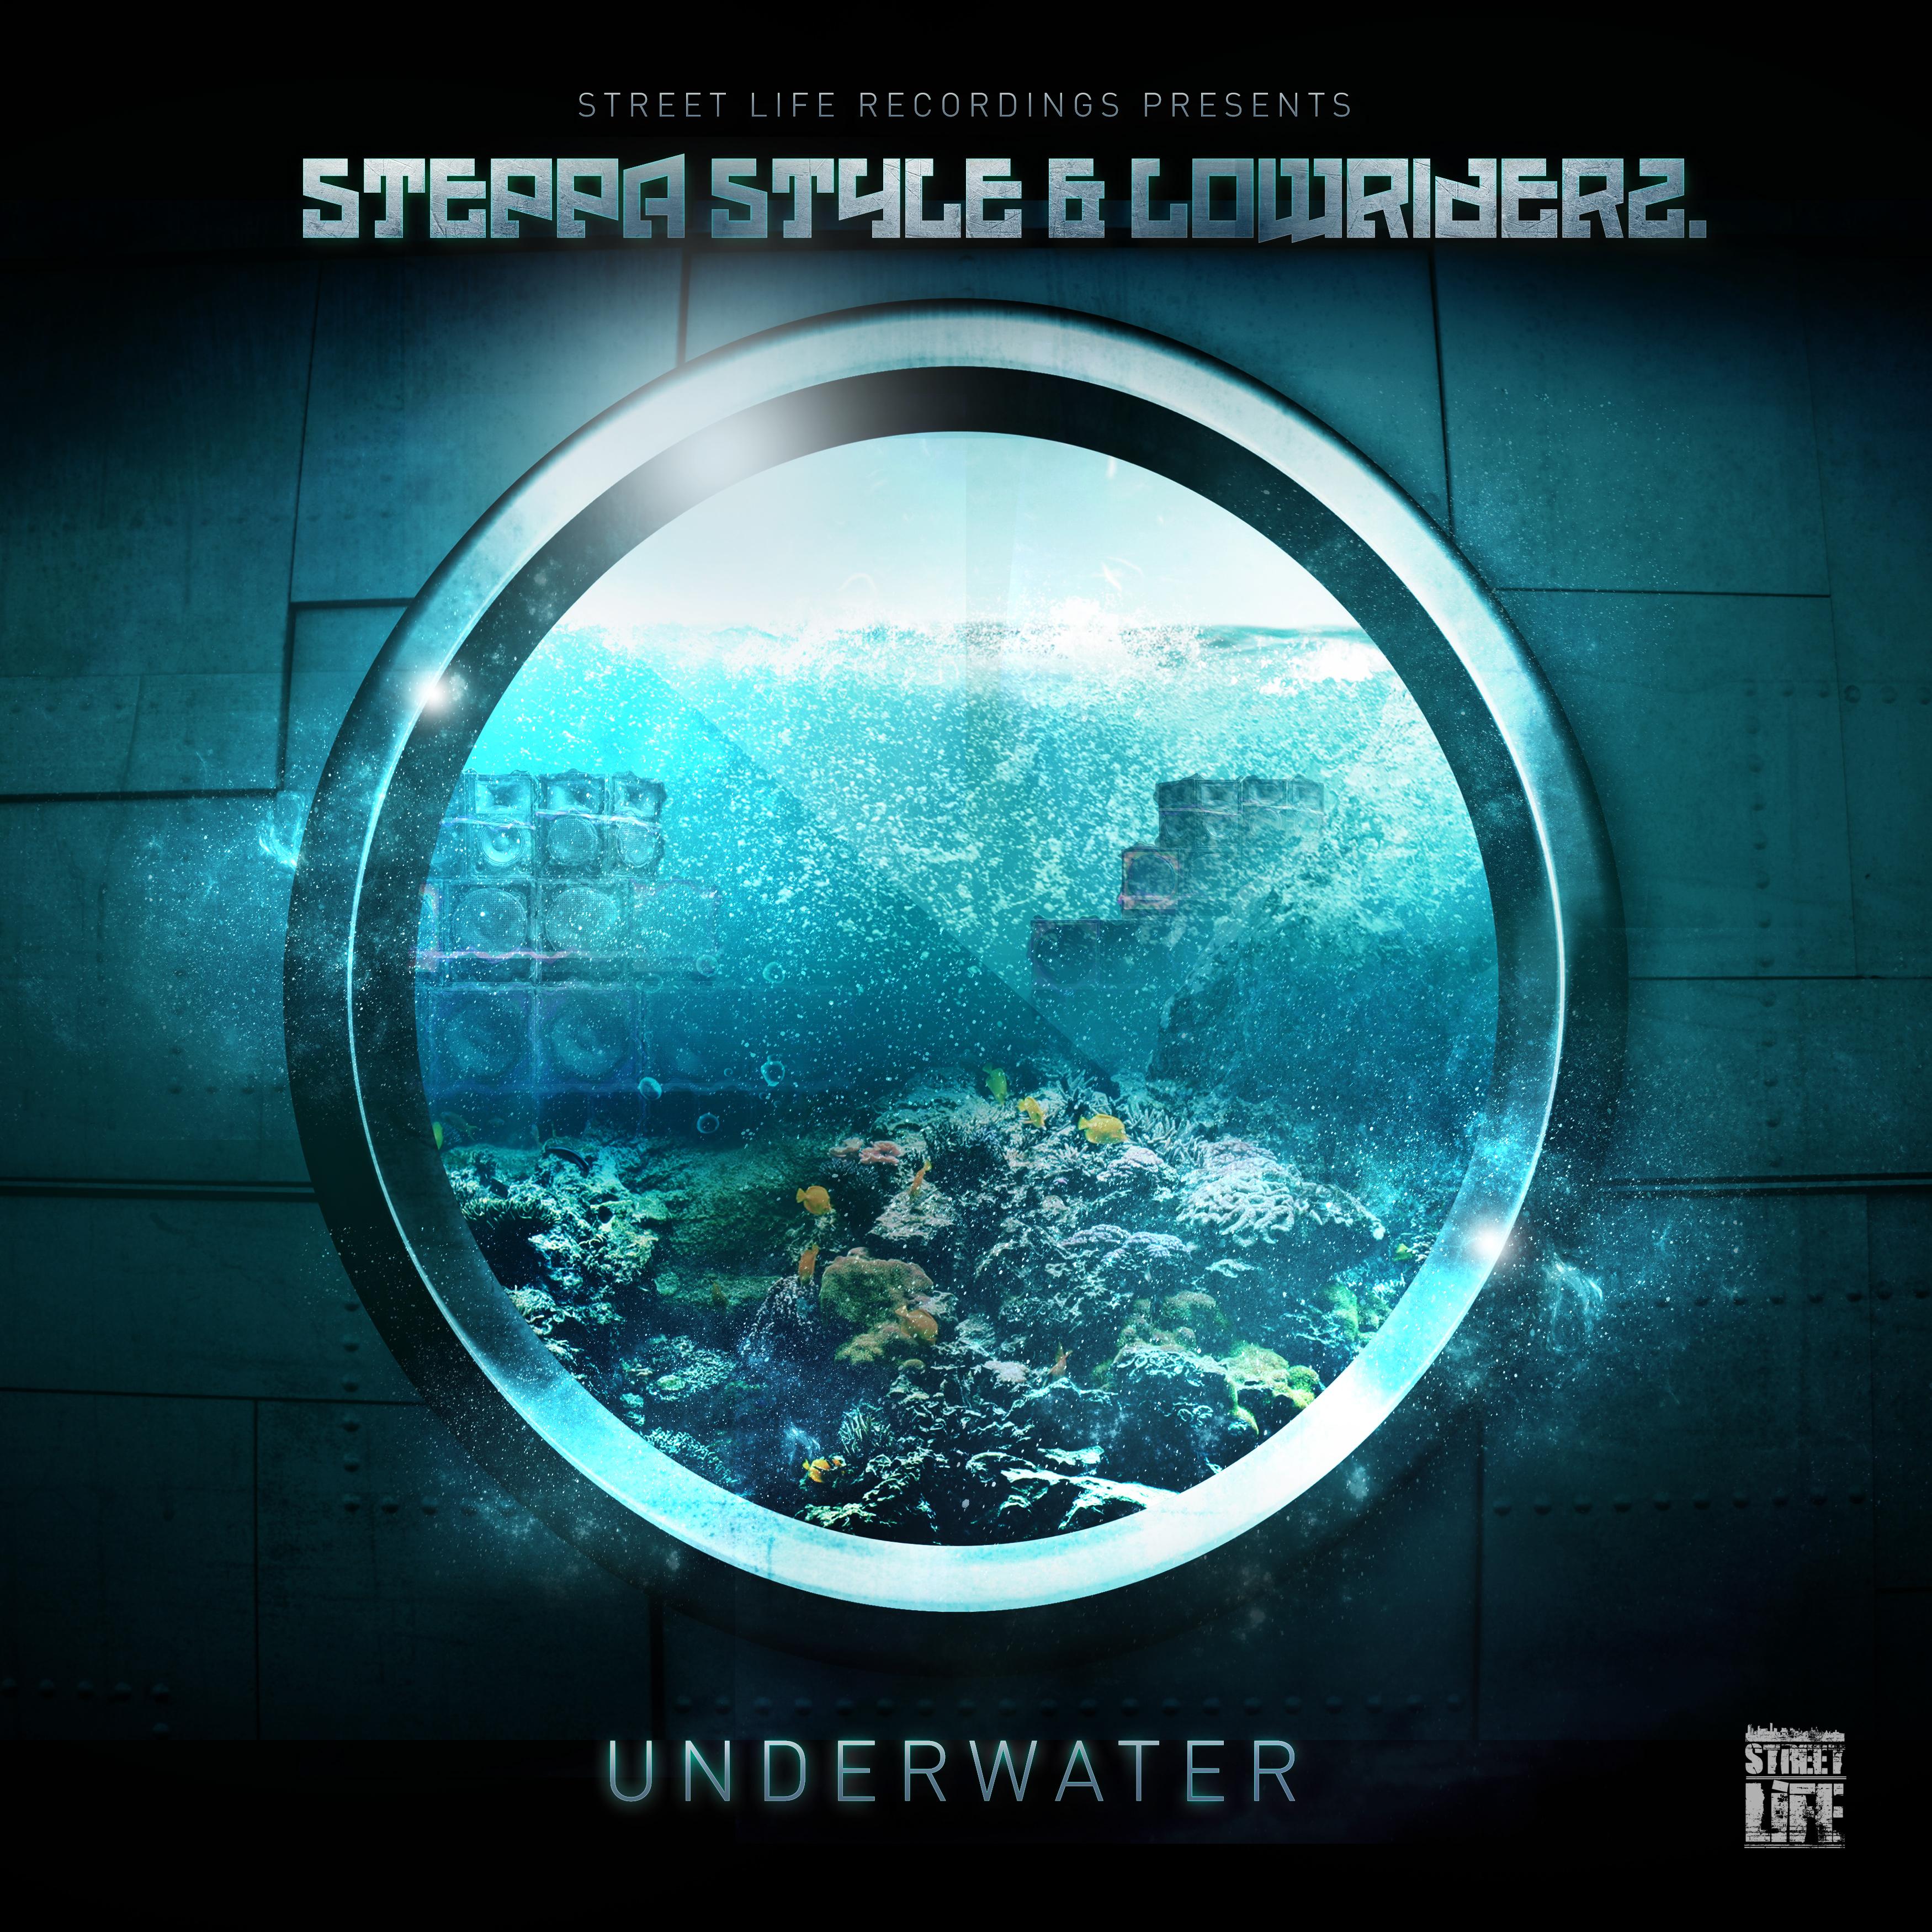 Steppa Style & Lowriderz - Underwater - Serial Killaz